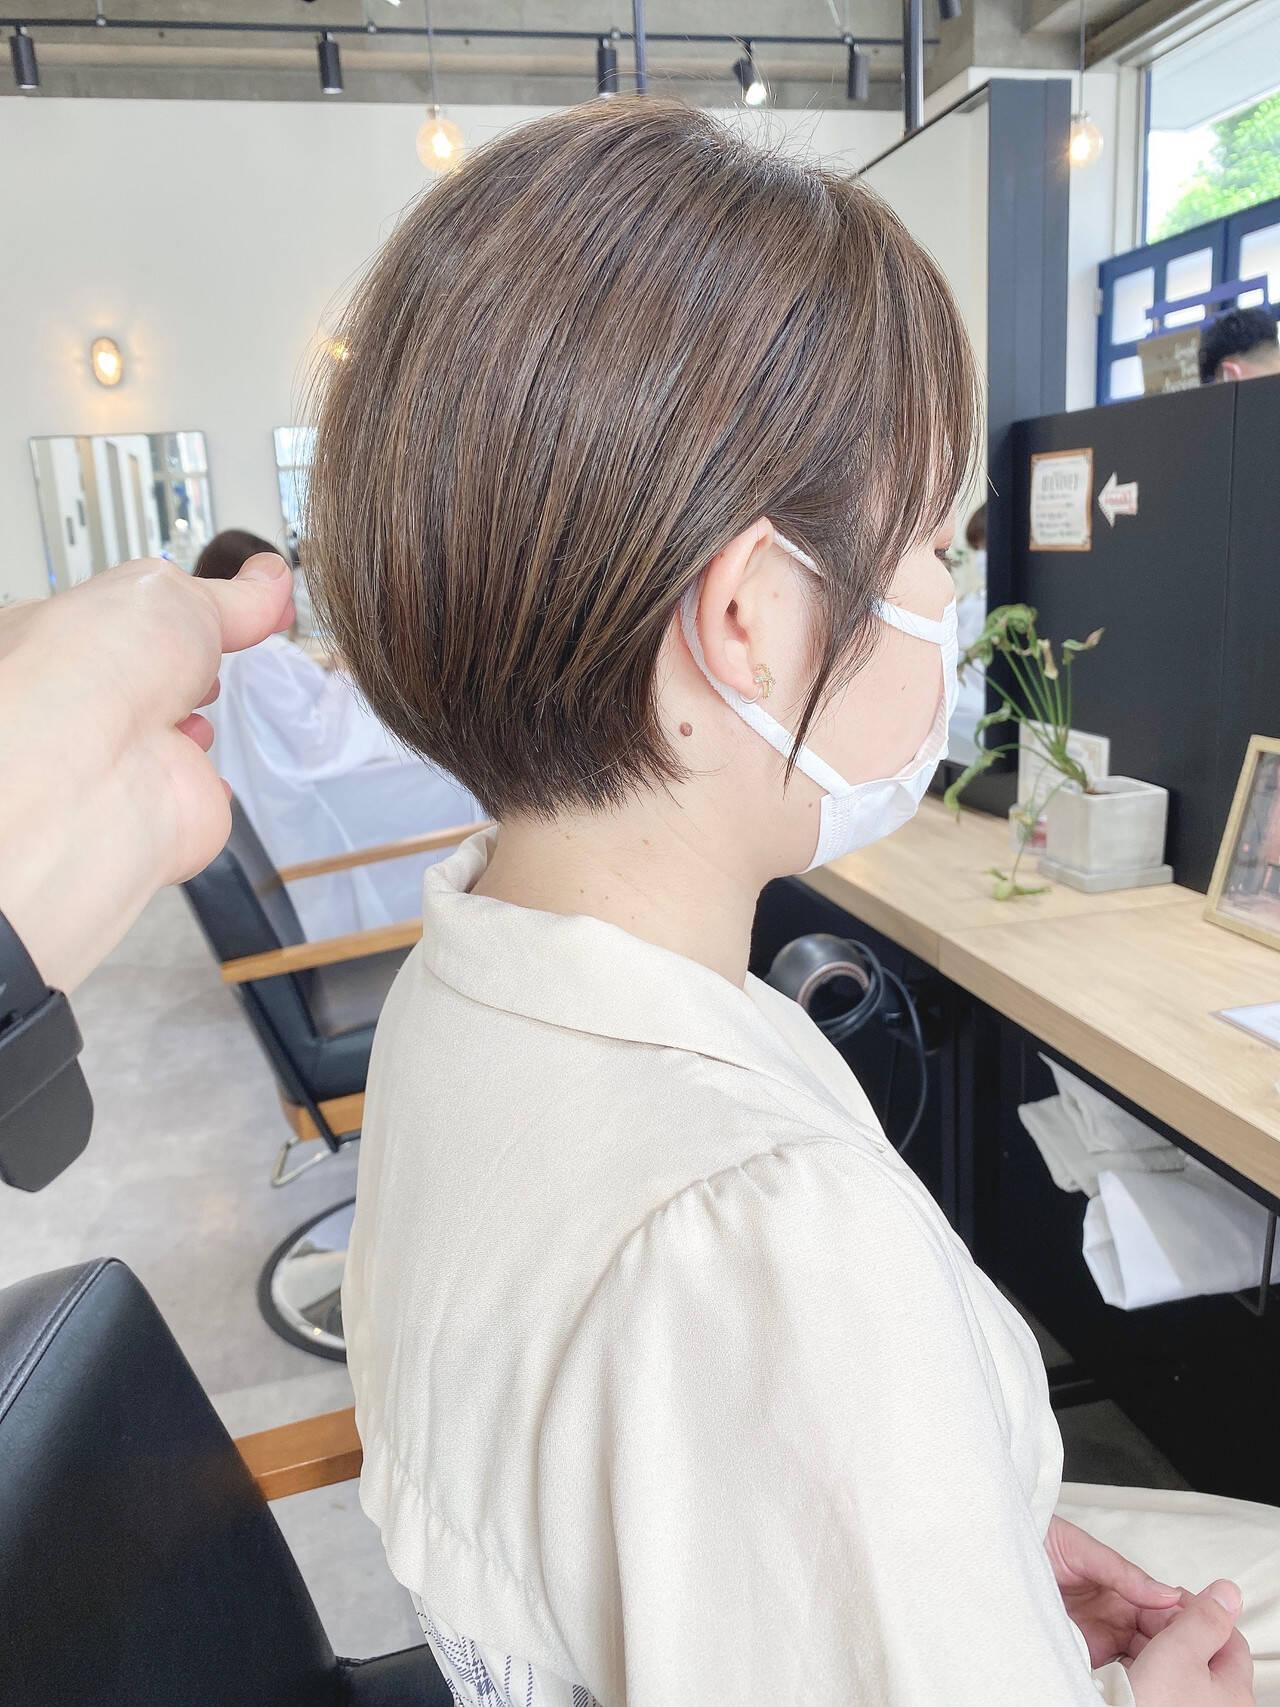 小顔ショート ナチュラル ショートヘア 大人ショートヘアスタイルや髪型の写真・画像